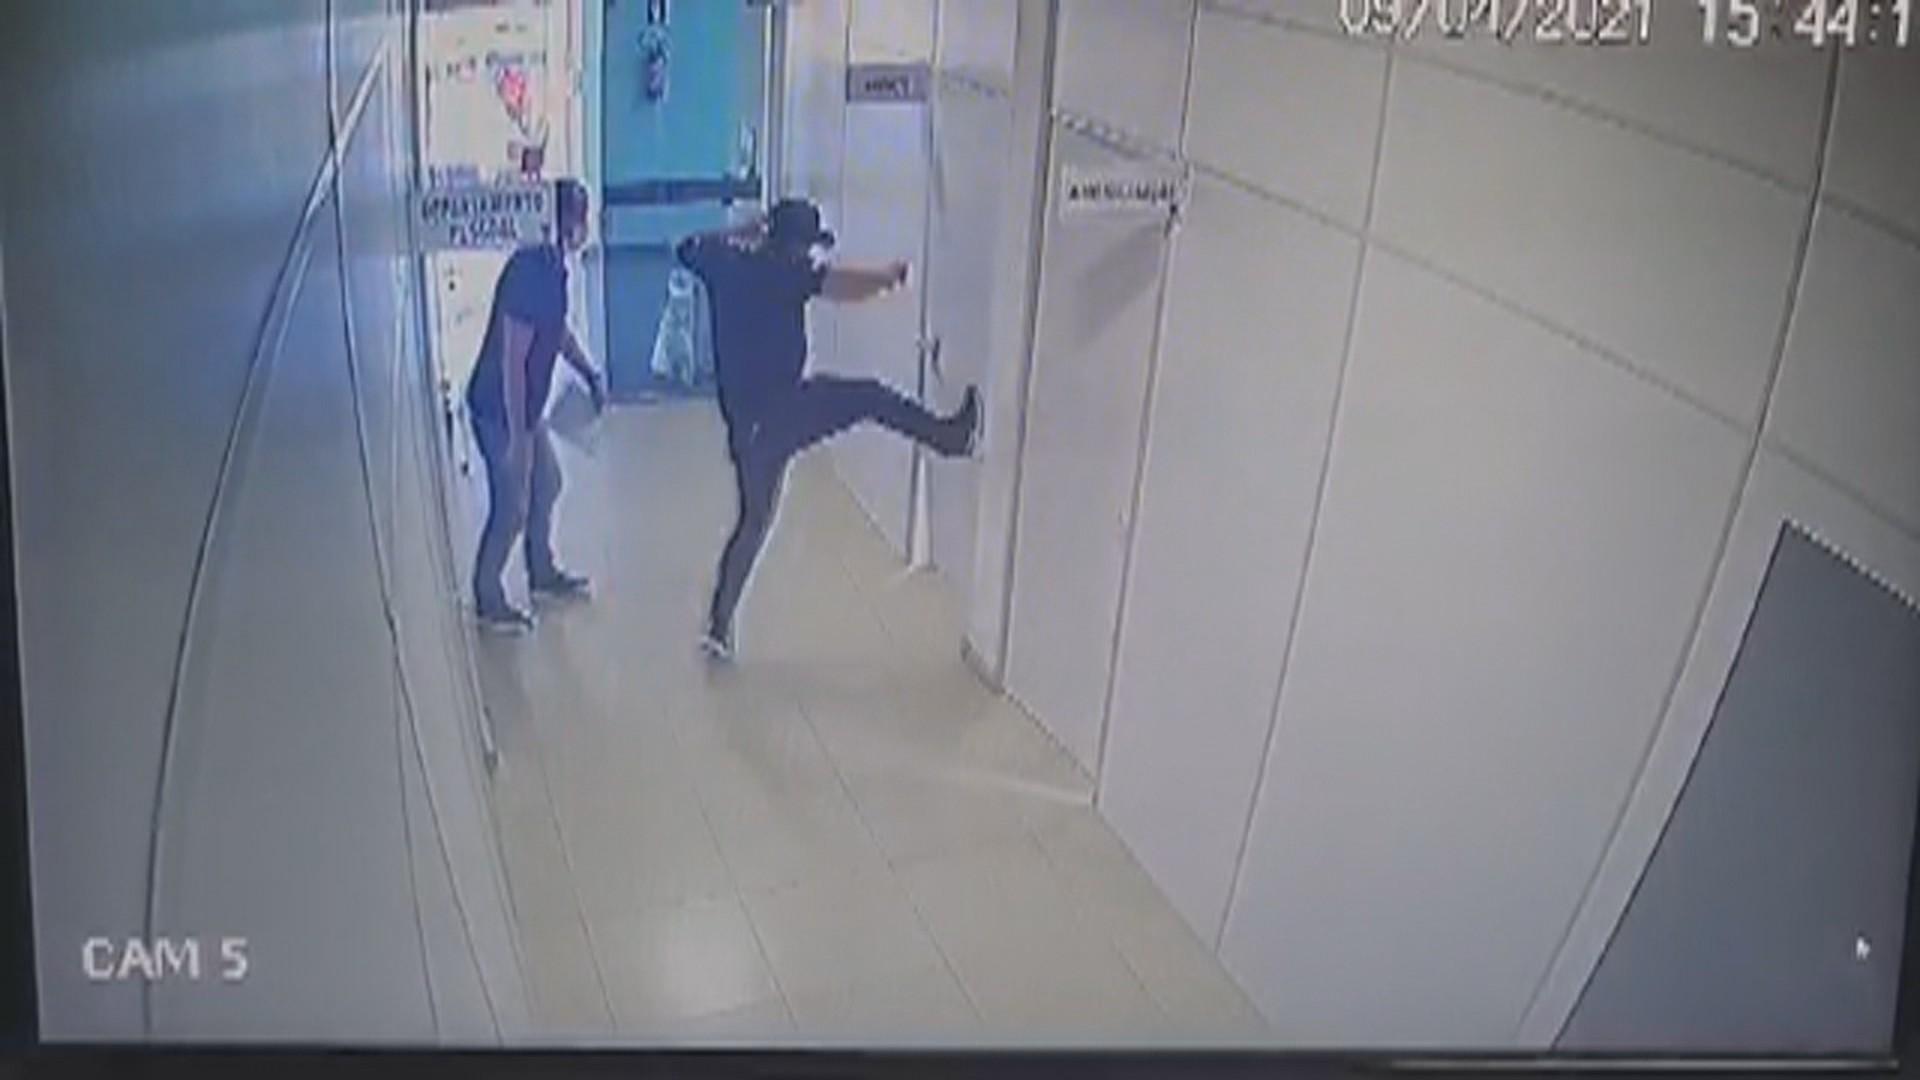 Imagens mostram momento em que porta do gabinete onde prefeito de Itapuca foi encontrado baleado é arrombada